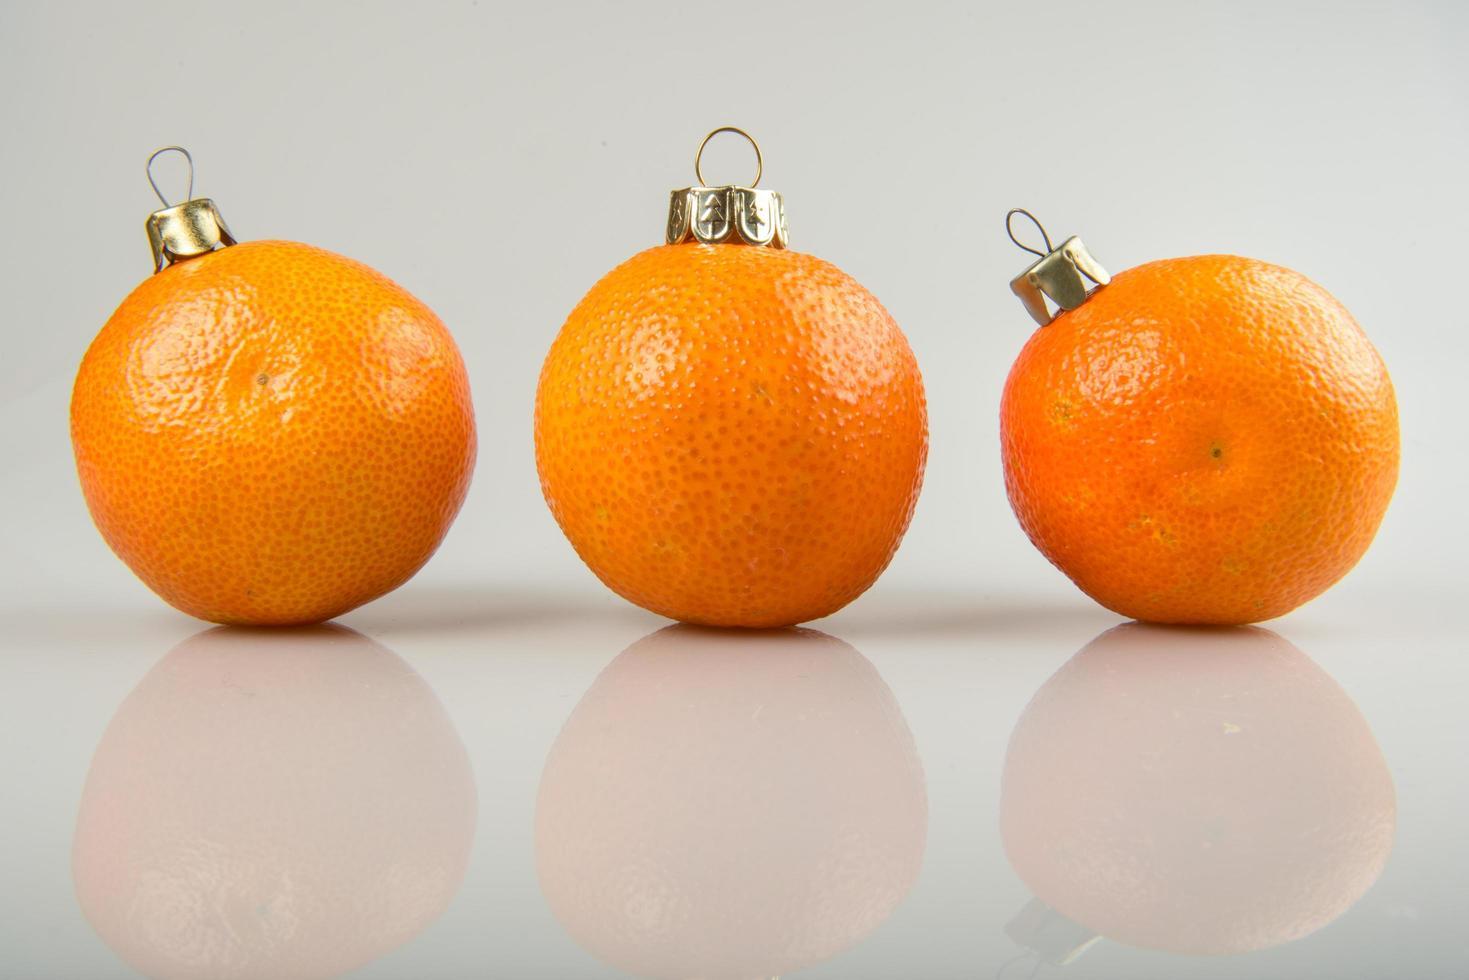 tres bolas de mandarina foto